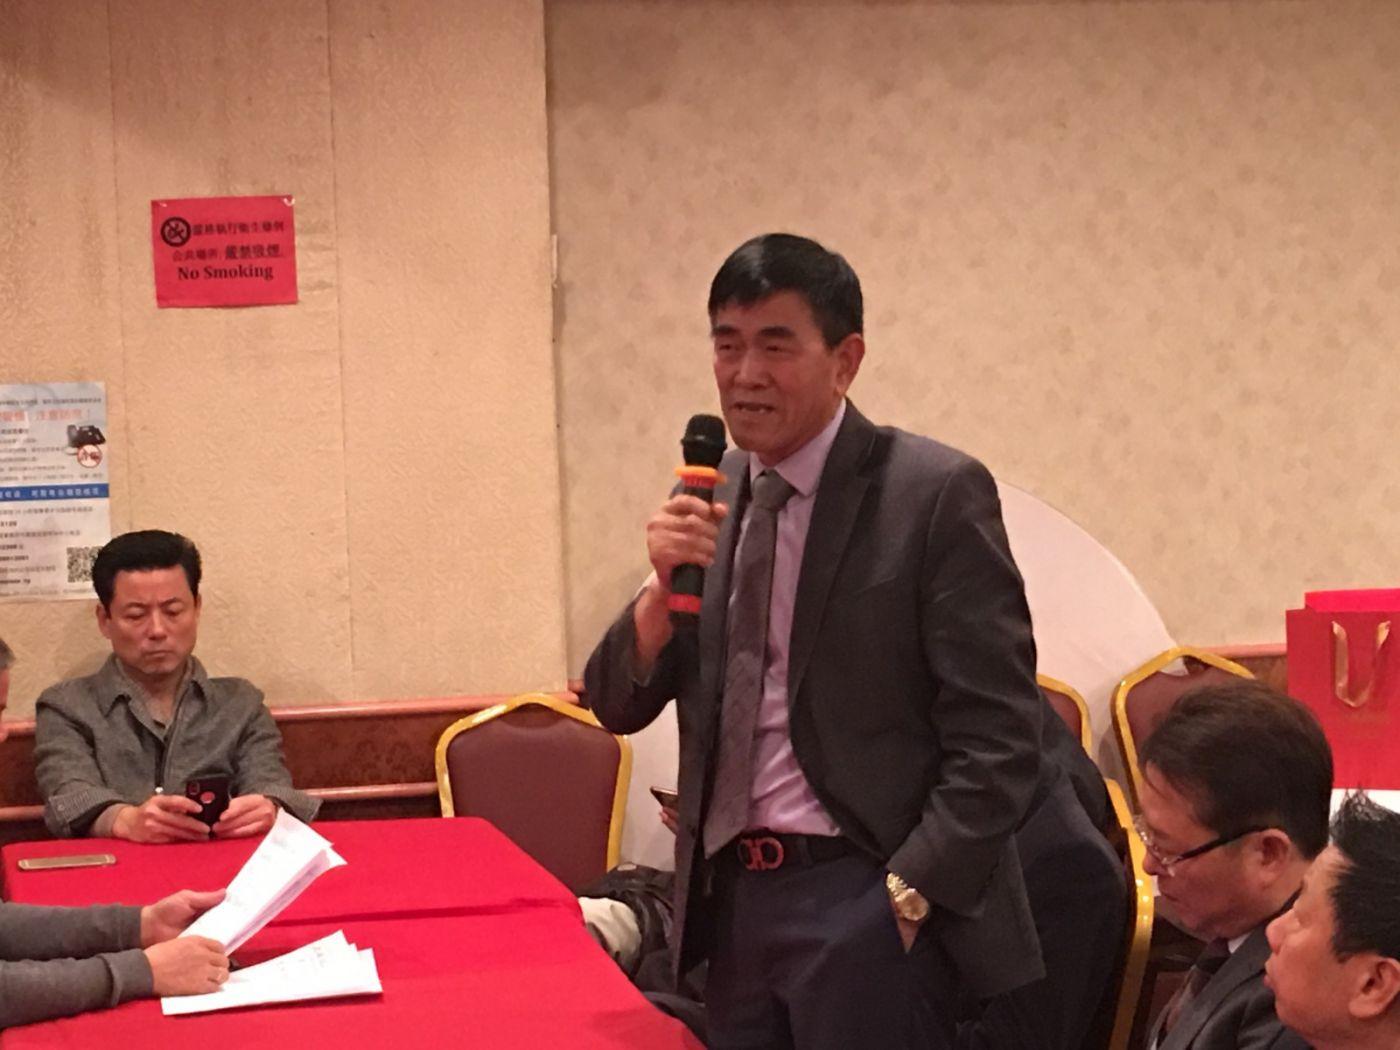 紐約華人華僑維護香港穩定繁榮座談會在紐約舉行_图1-18